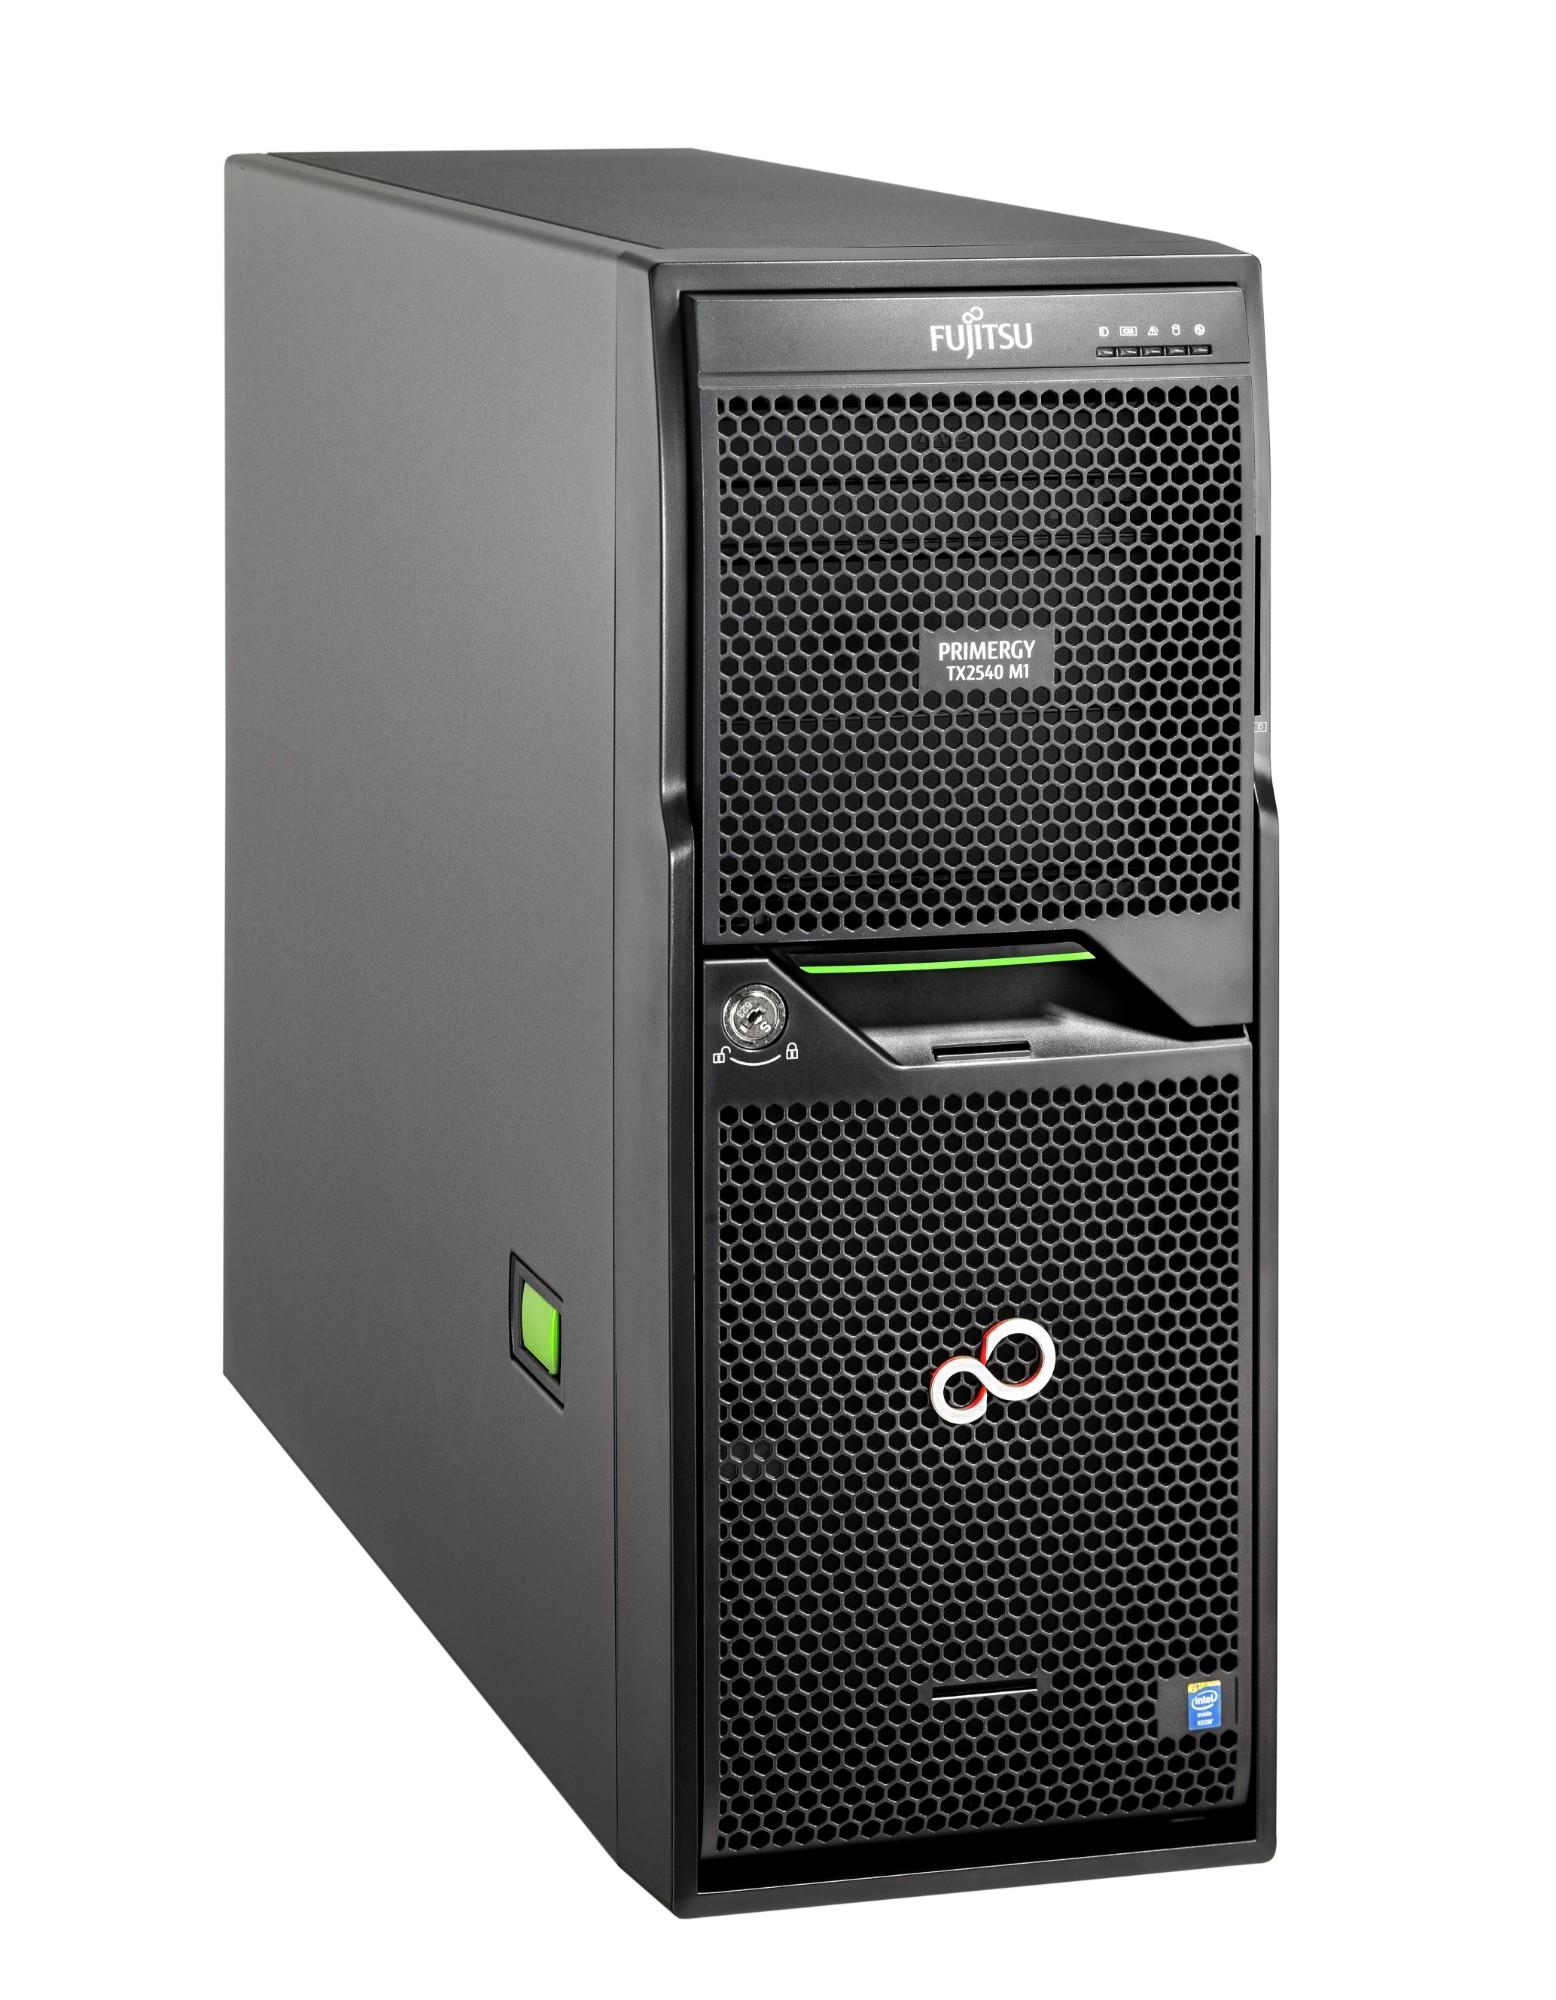 Fujitsu PRIMERGY TX2540 M1 2.2GHz E5-2420V2 450W Tower server